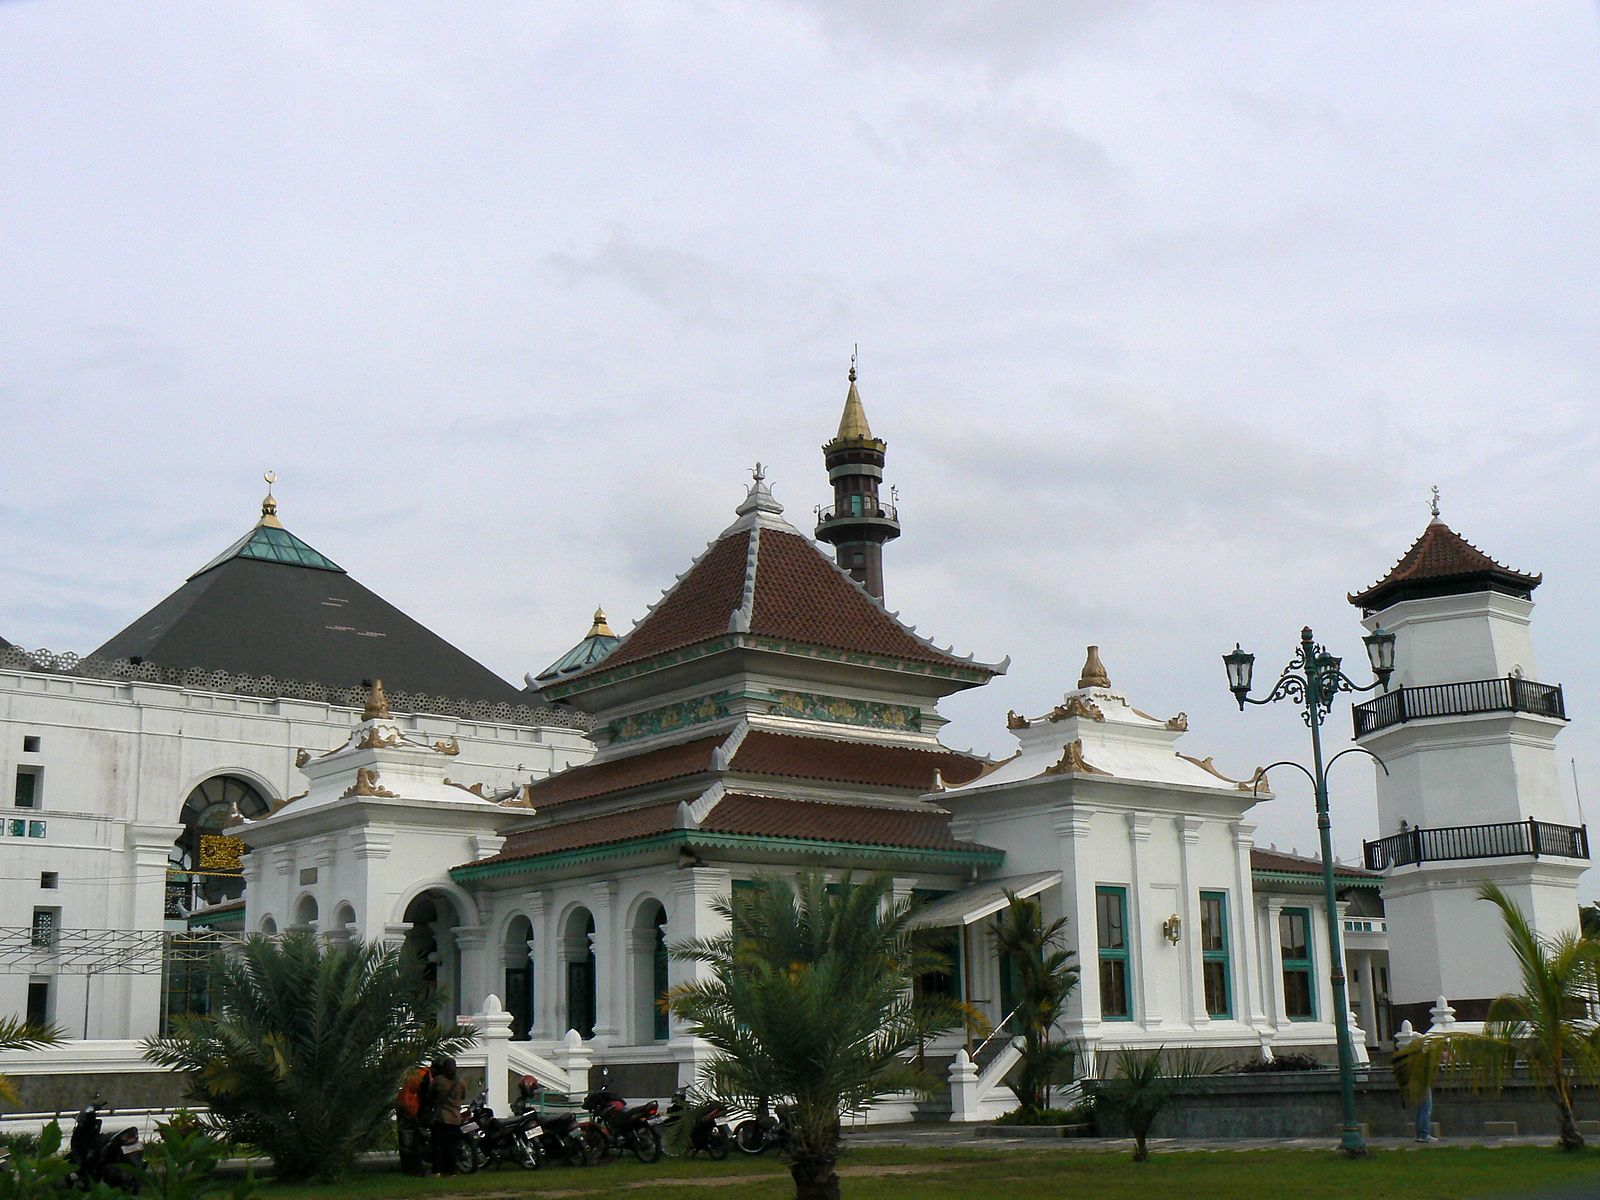 Masjid Agung Palembang Resmi Berganti Nama Good News From Indonesia